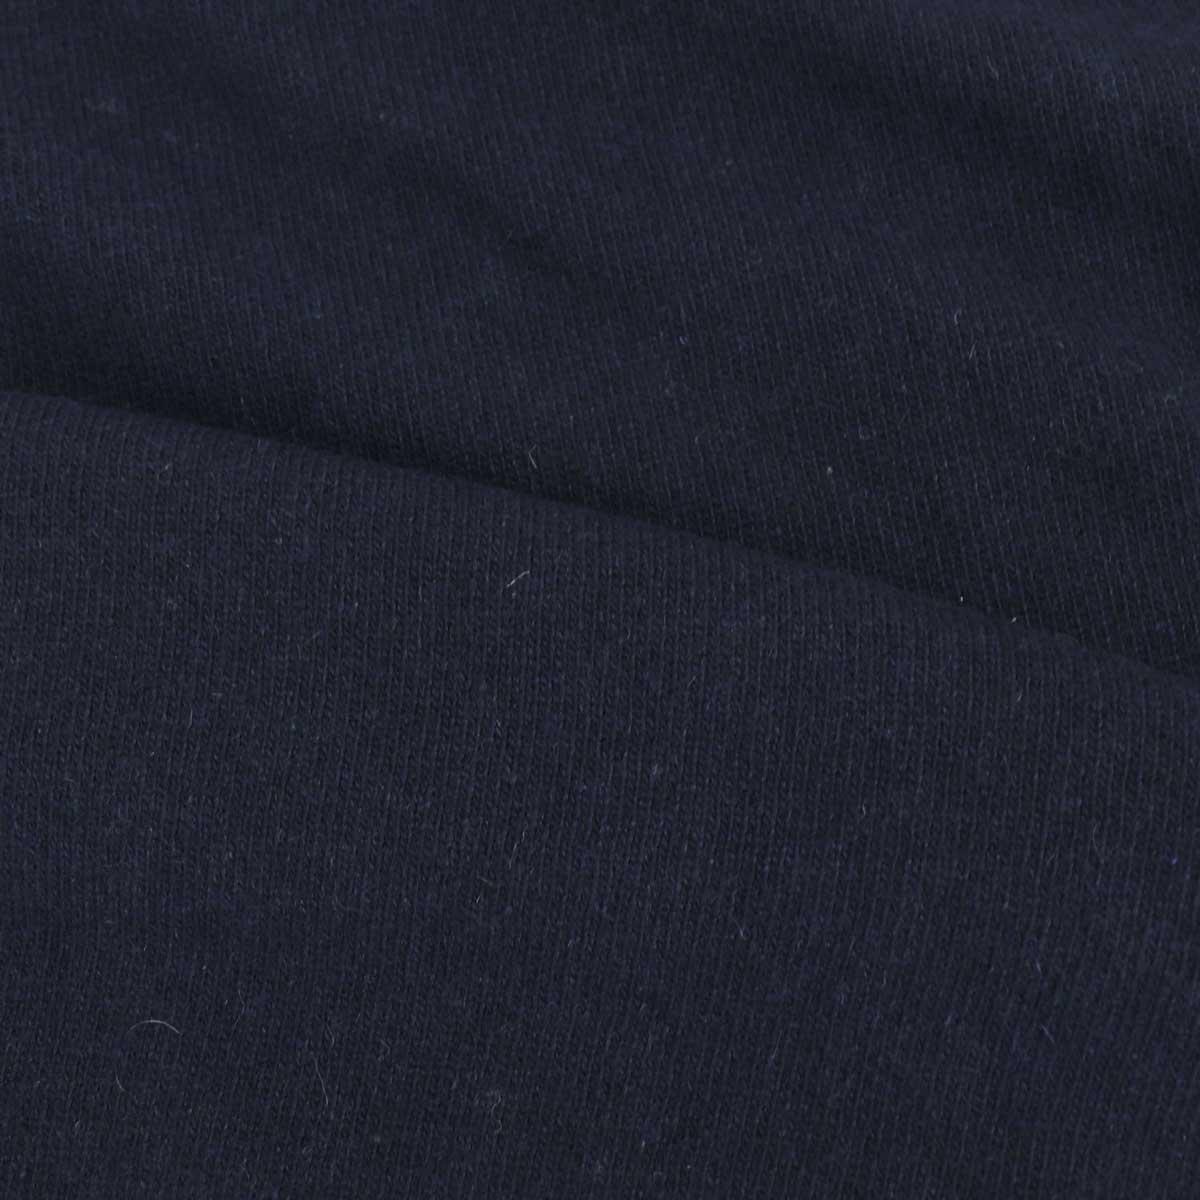 【クリアランスセール】ダニエレフィエゾーリ DANIELE FIESOLI メンズ エコカシミヤ ハイゲージニット カーディガン WS3003 0023(ネイビー)【返品交換不可】